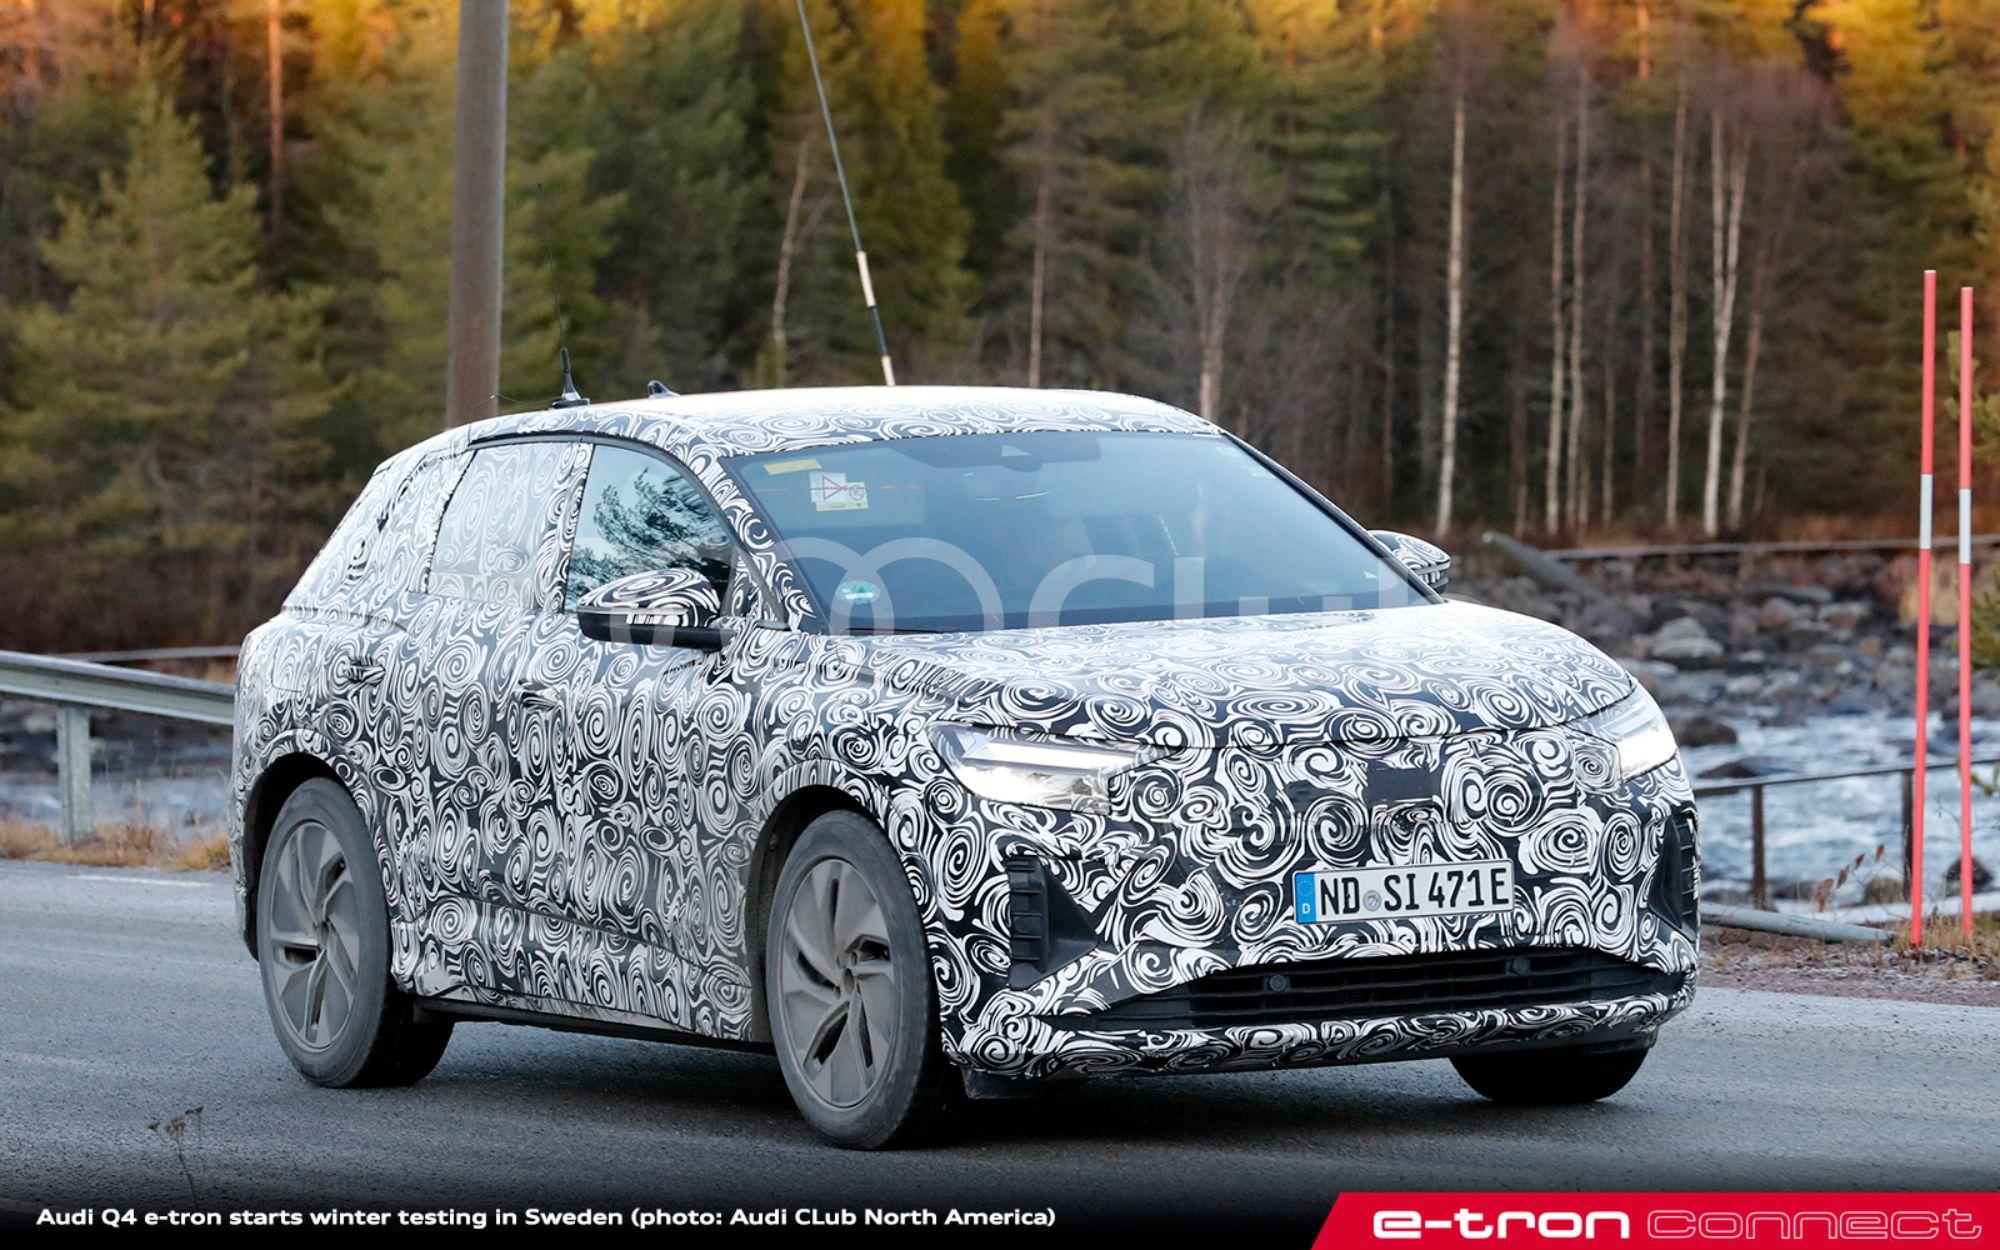 Audi Q4 e-tron Sweden 2 - e-tron connect